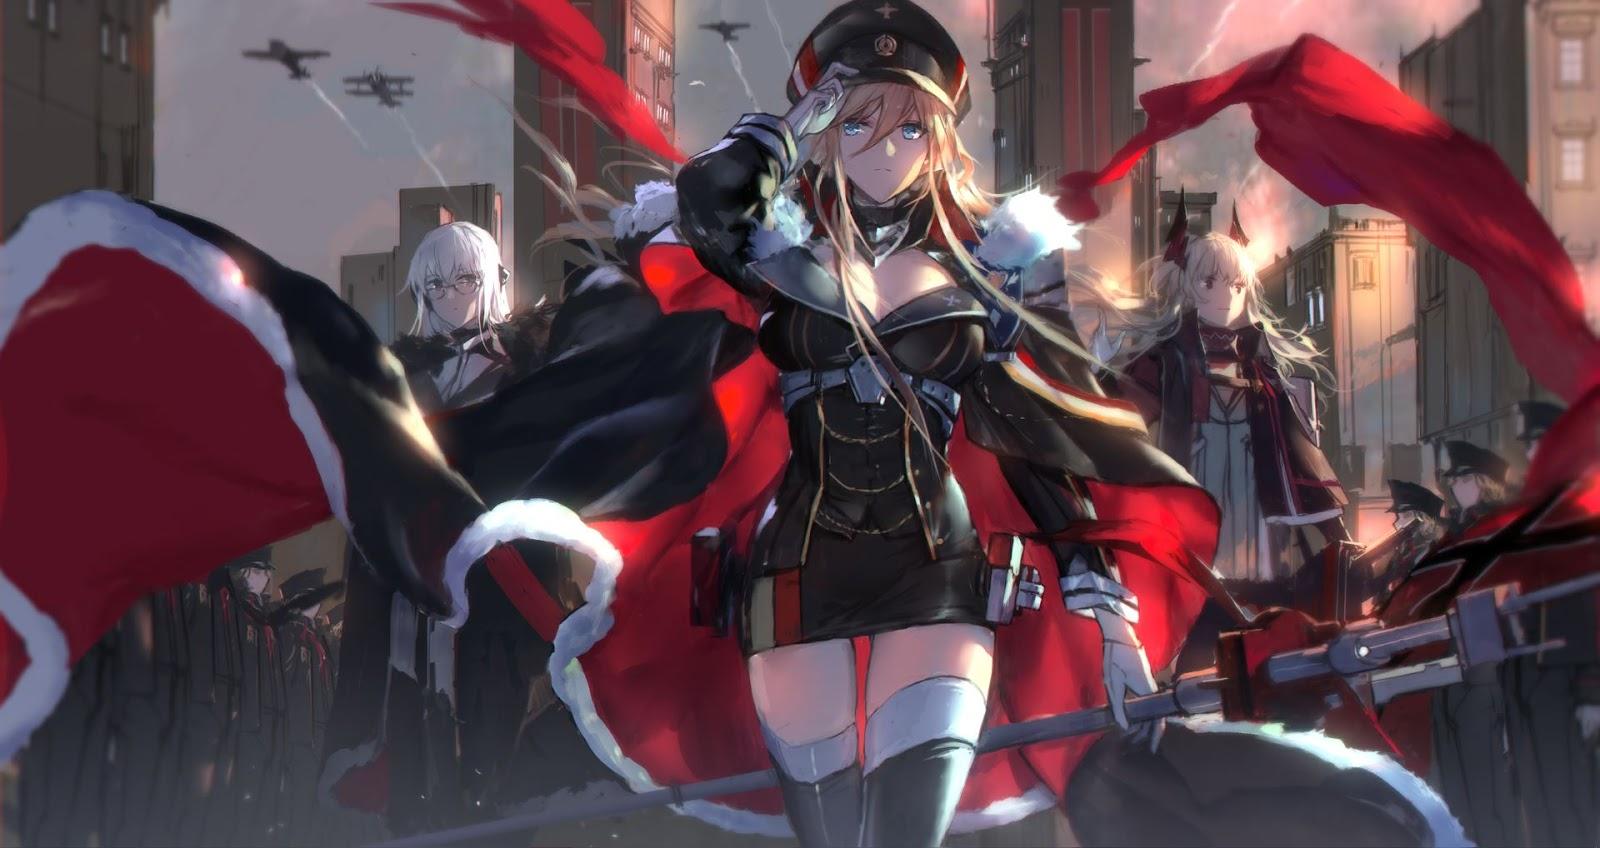 Azur Lane - Bismarck [Wallpaper Engine Anime]